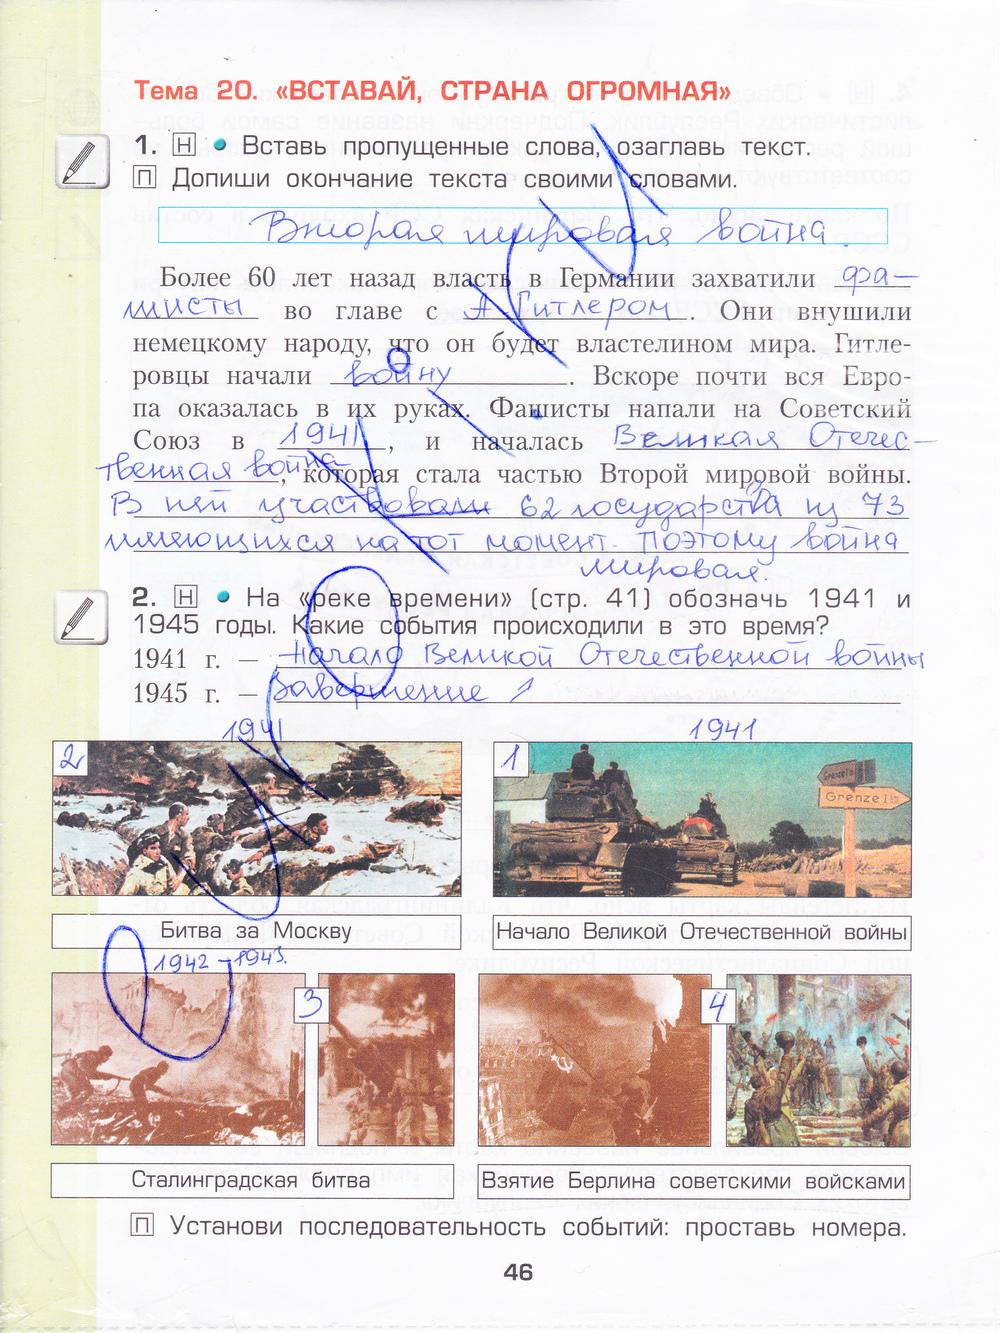 Гдз по окружающему миру 3 класс вахрушев часть 2 вахрушев моё отечество